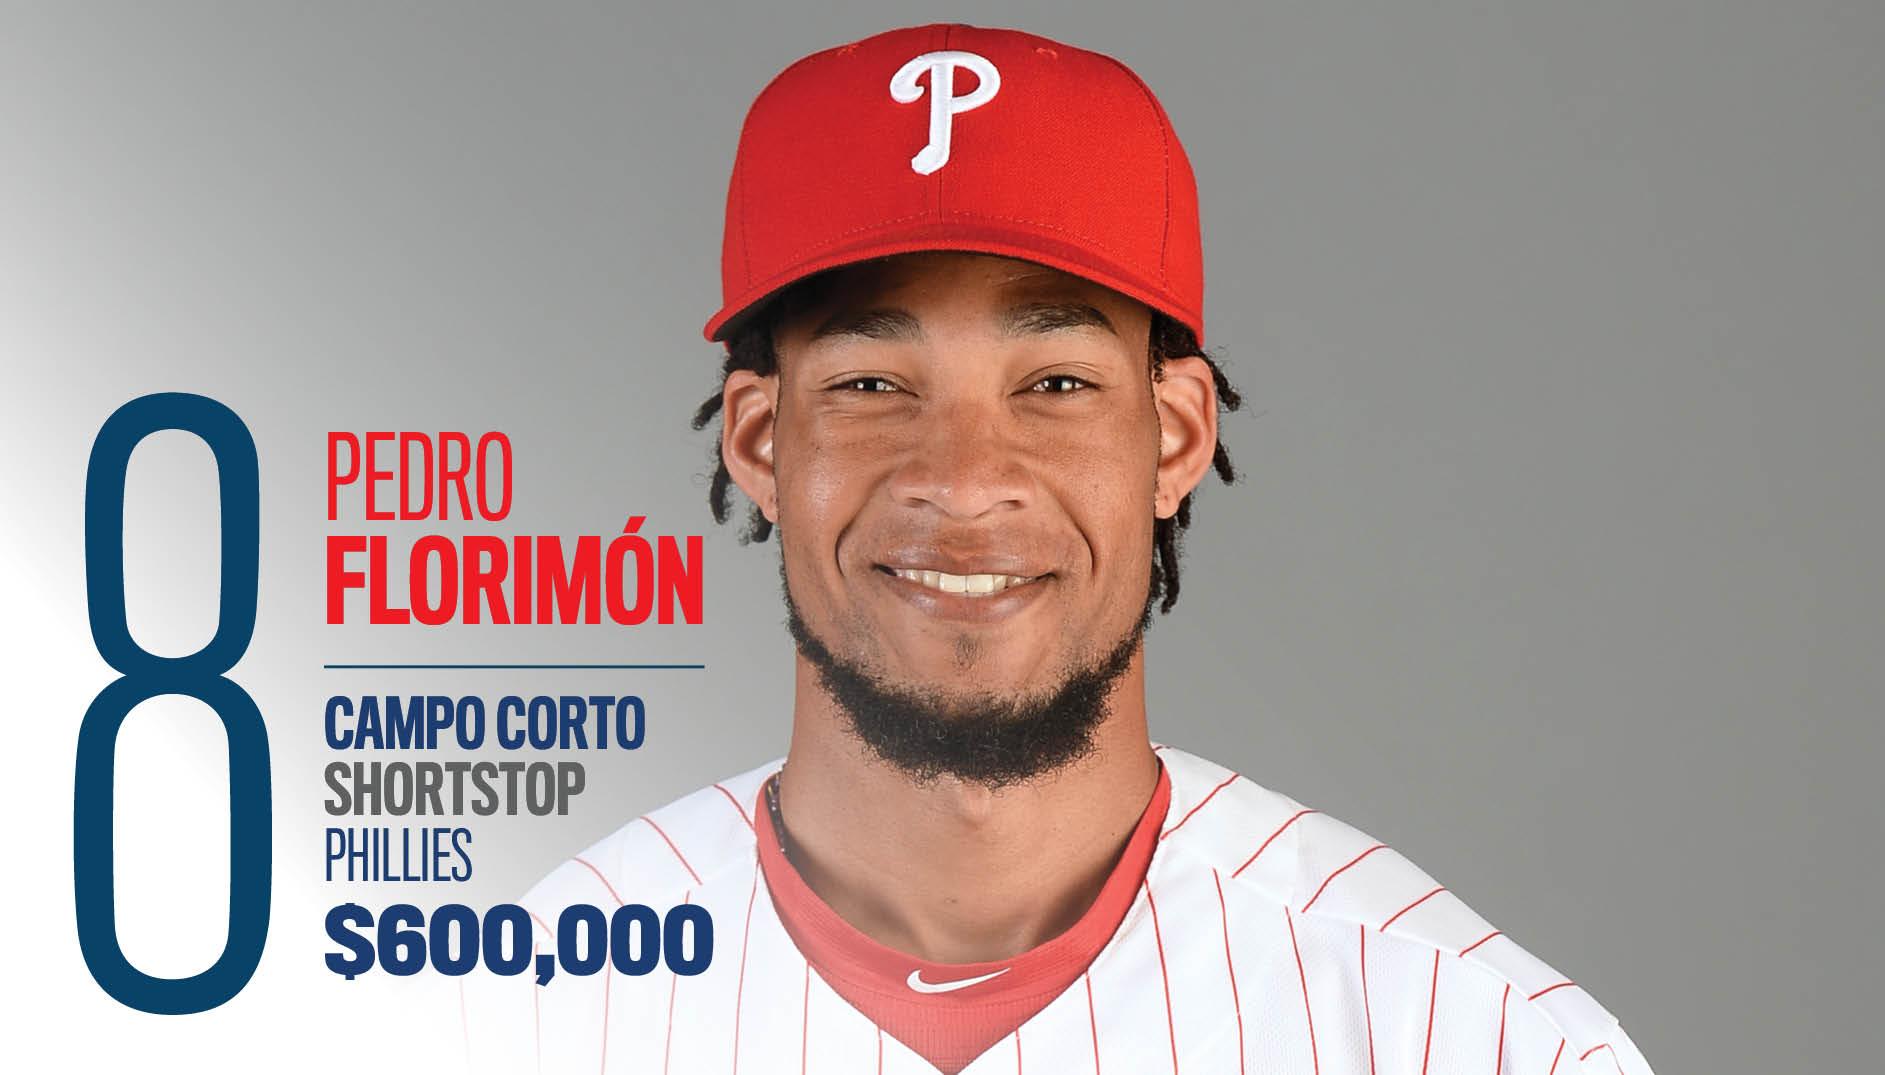 Pedro Florimón